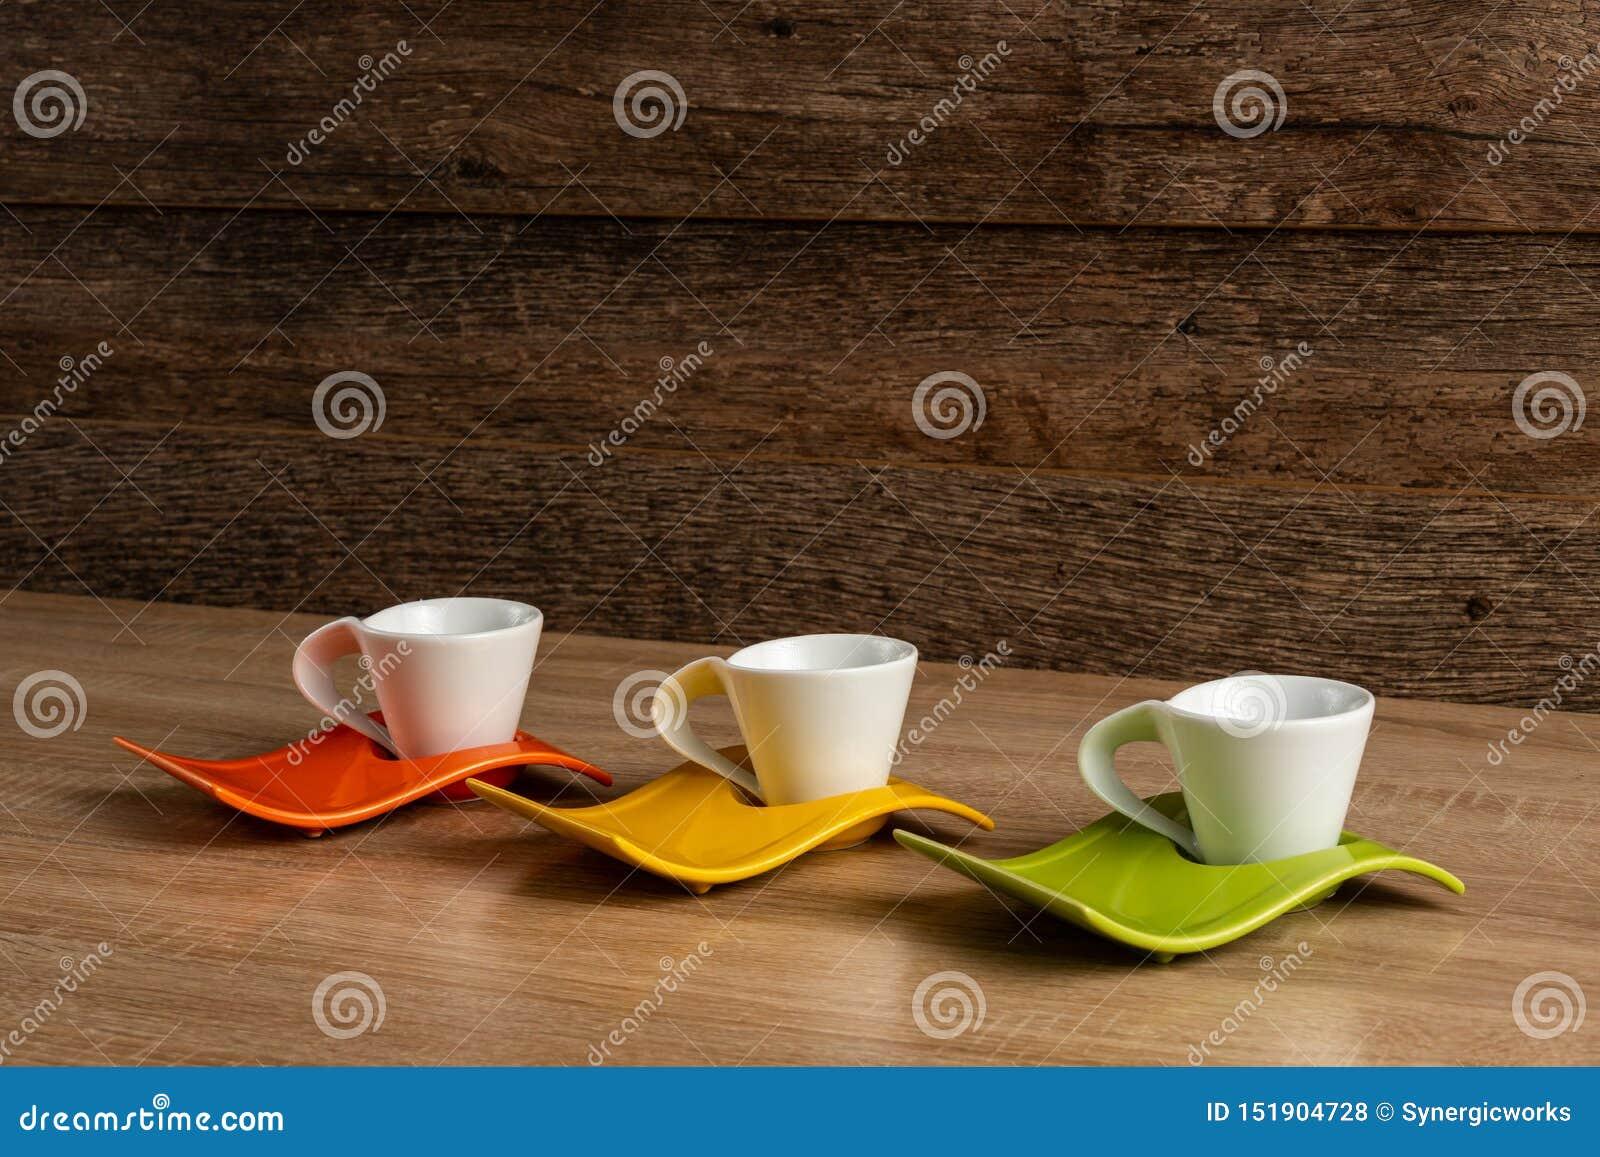 Vista inclinada de izquierda a derecha lateral del lugar de las tazas del café con leche en tres placas de los colores